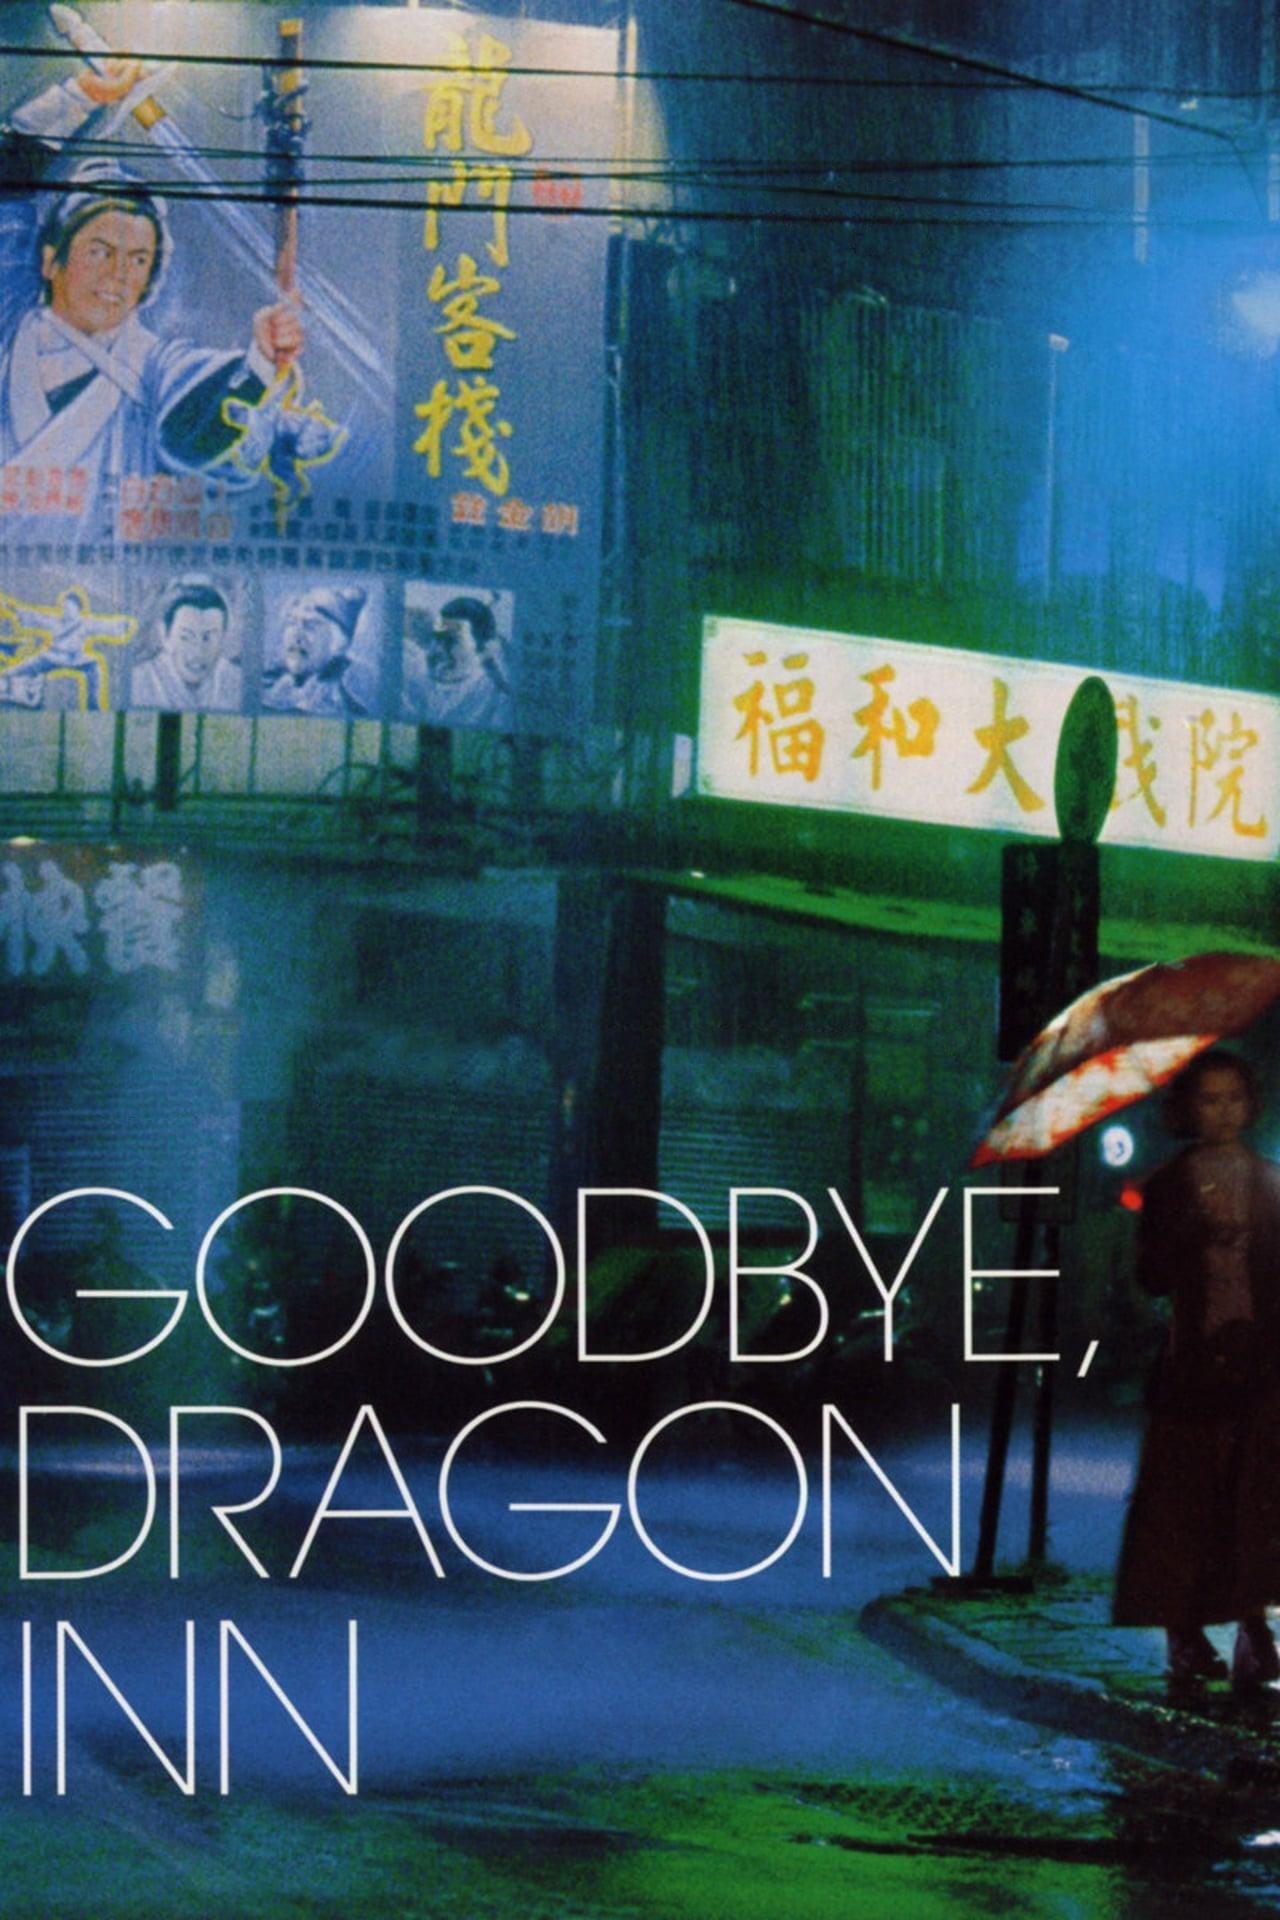 Poster for Goodbye, Dragon Inn